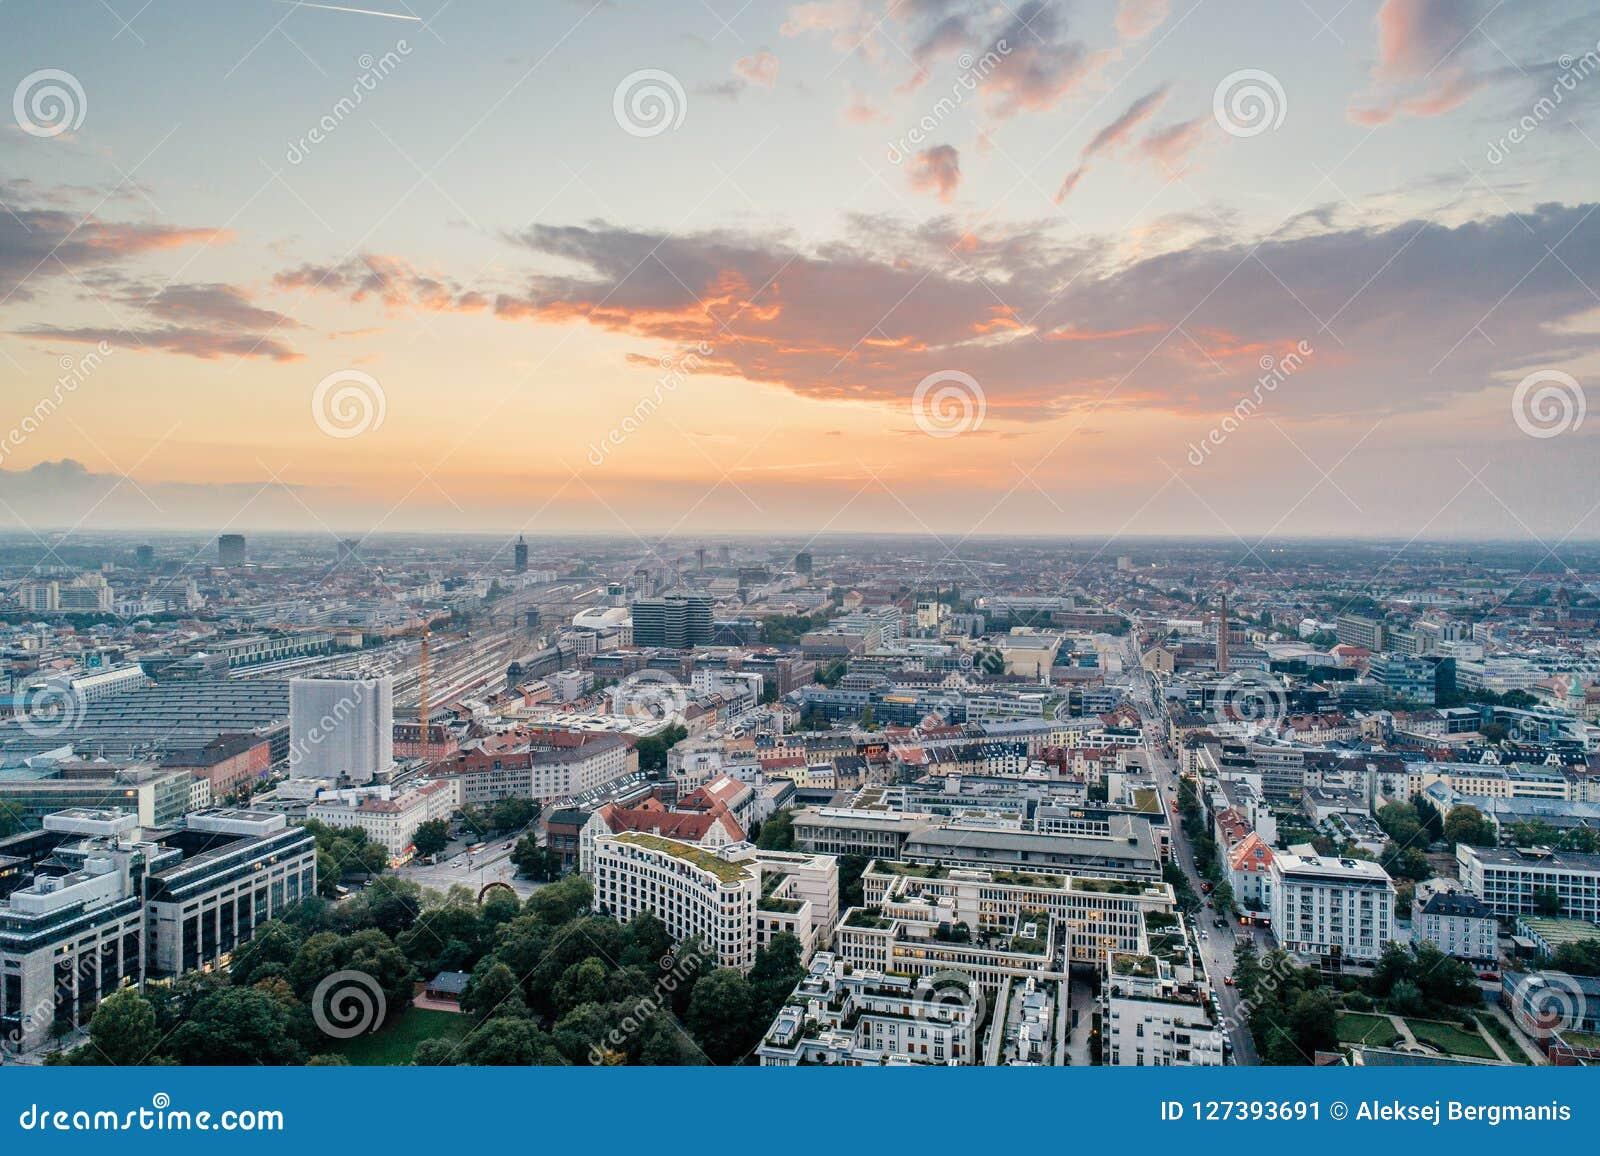 Foto urbana del verano de la opinión del abejón del aire del centro de ciudad de Munich